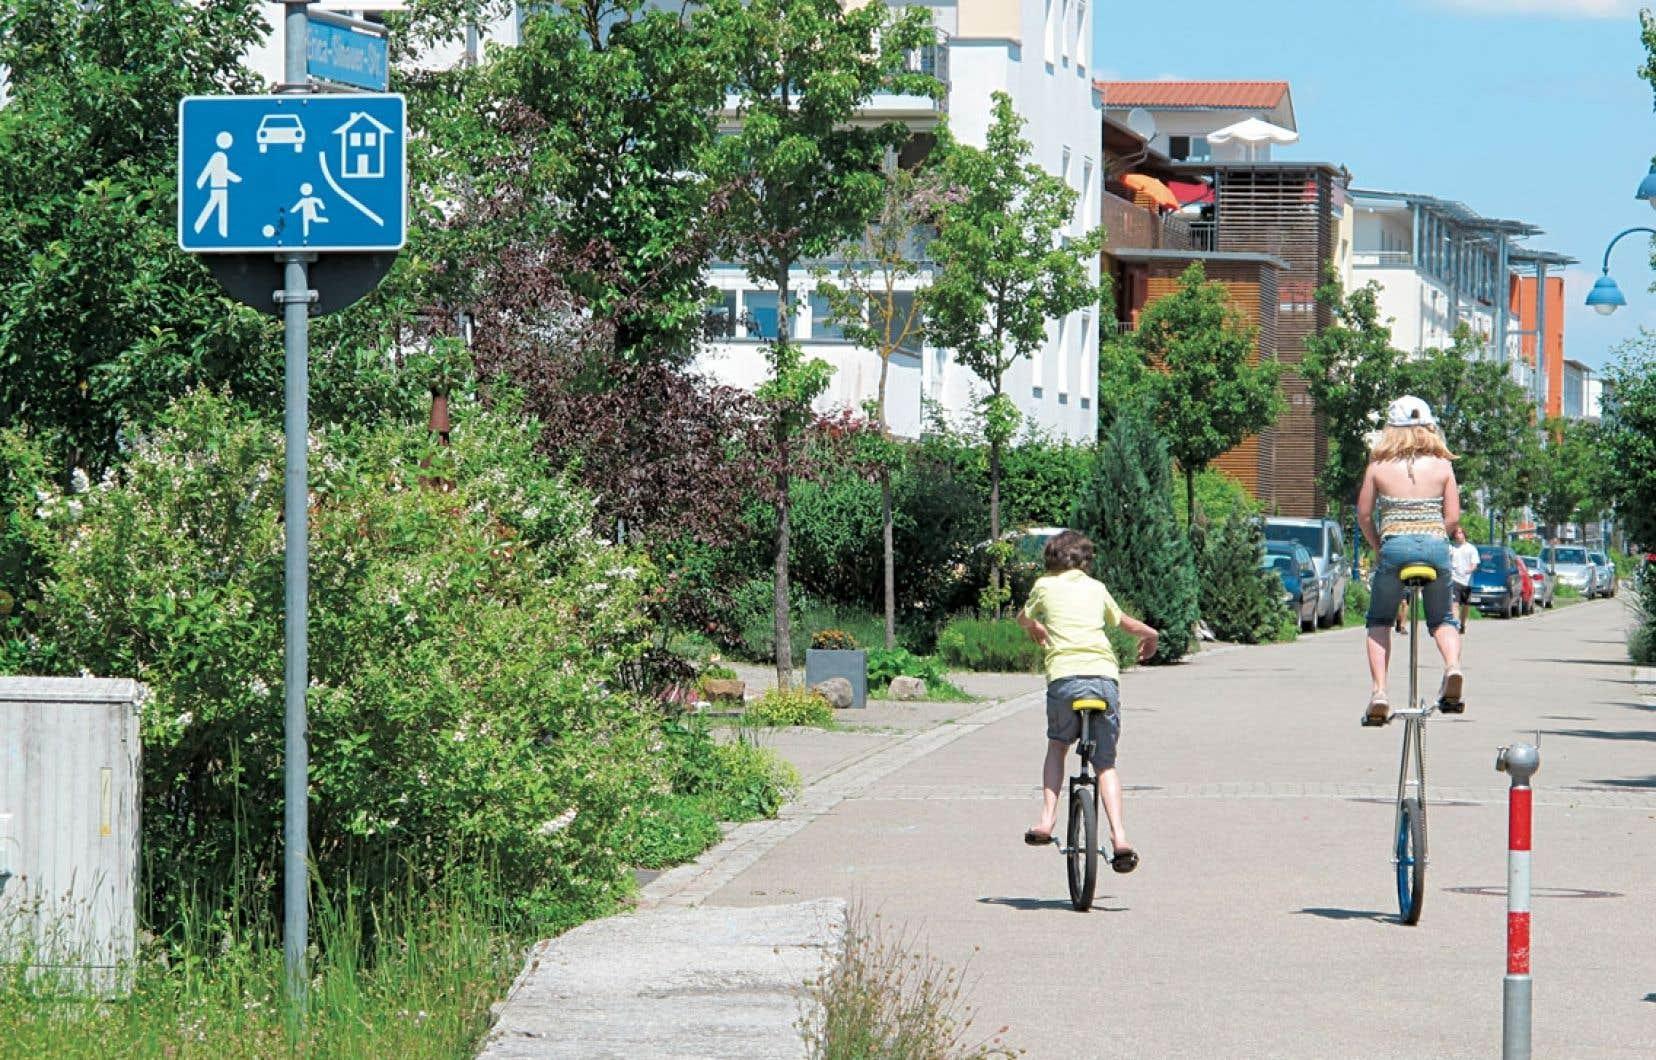 Certaines rues du quartier Rieselfeld (champ d'épandage, en allemand) sont des terrains de jeu où les voitures doivent rouler à 5 km/h parmi les enfants.